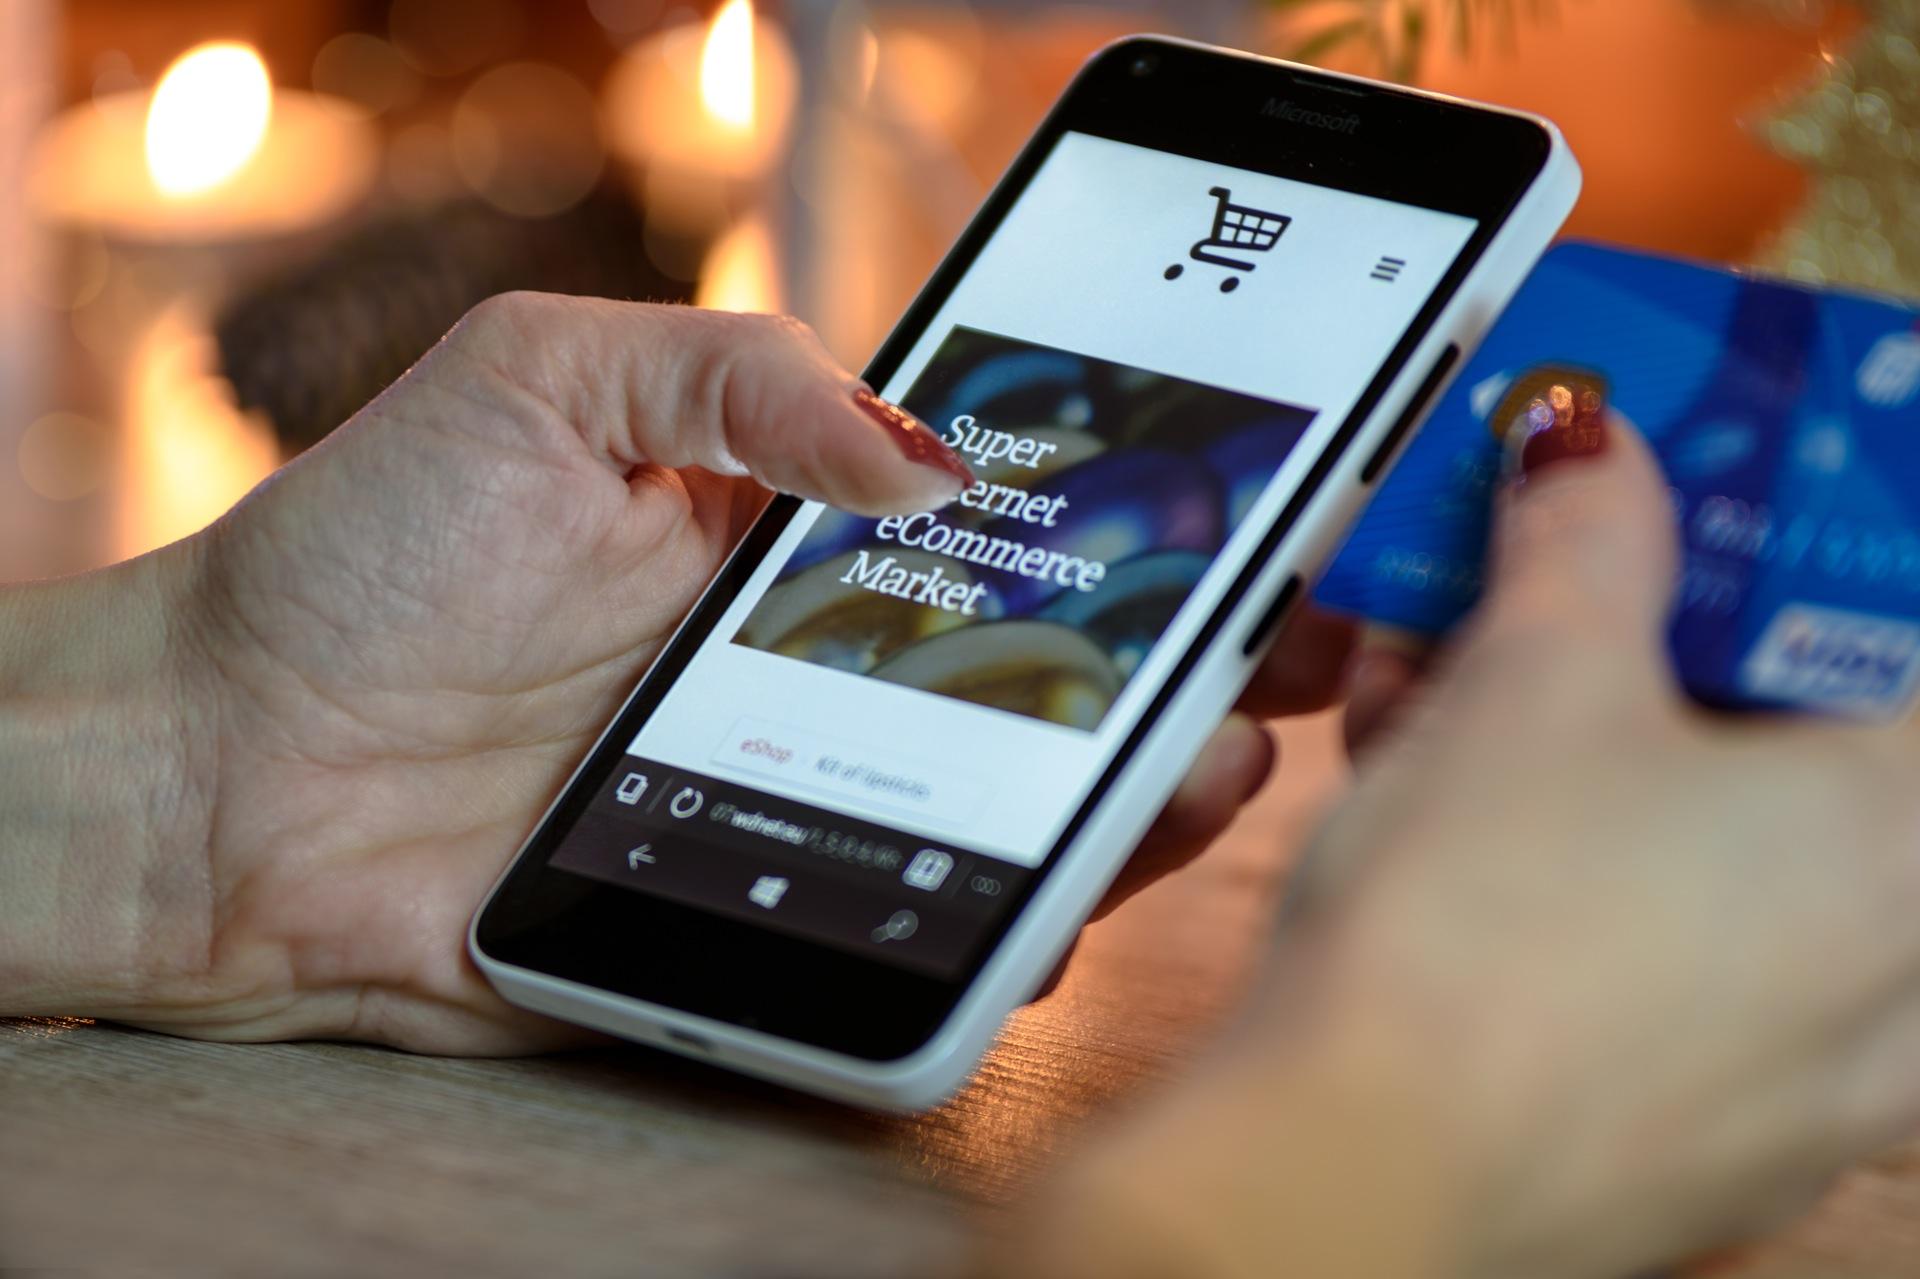 Facilita tu vida pagando desde el celular